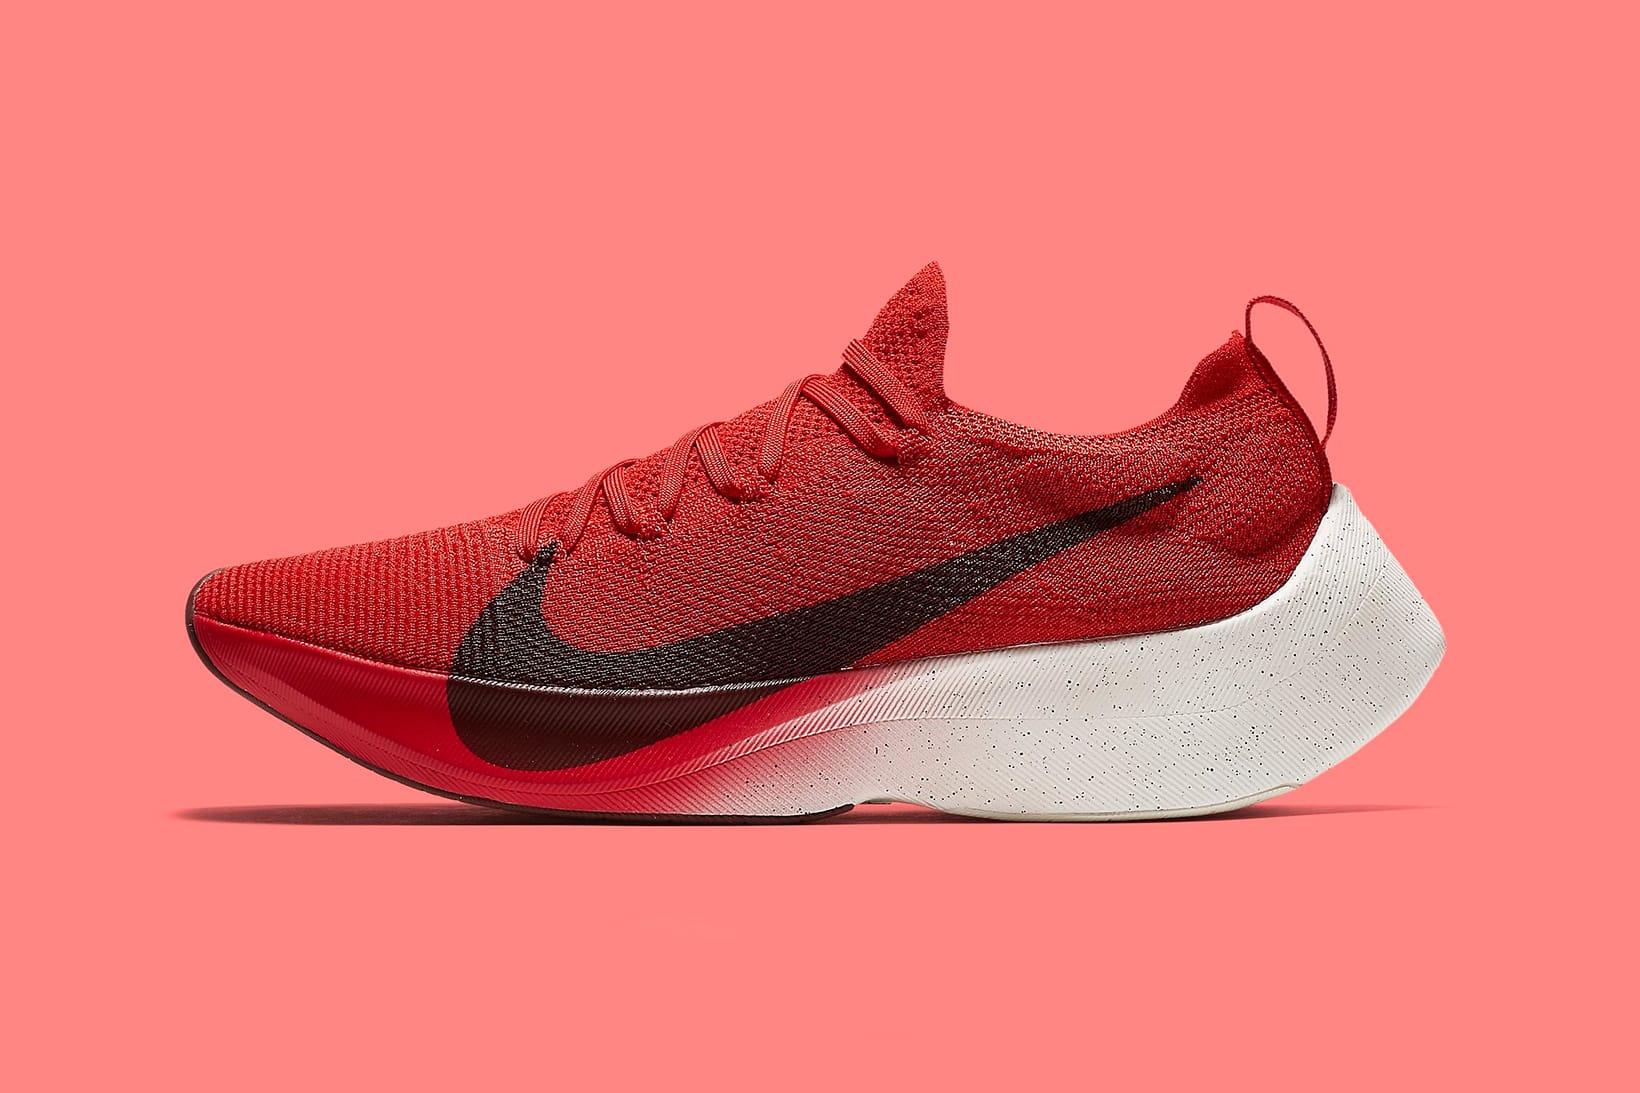 Nike Vapor Street Flyknit For Sale  7673f4769